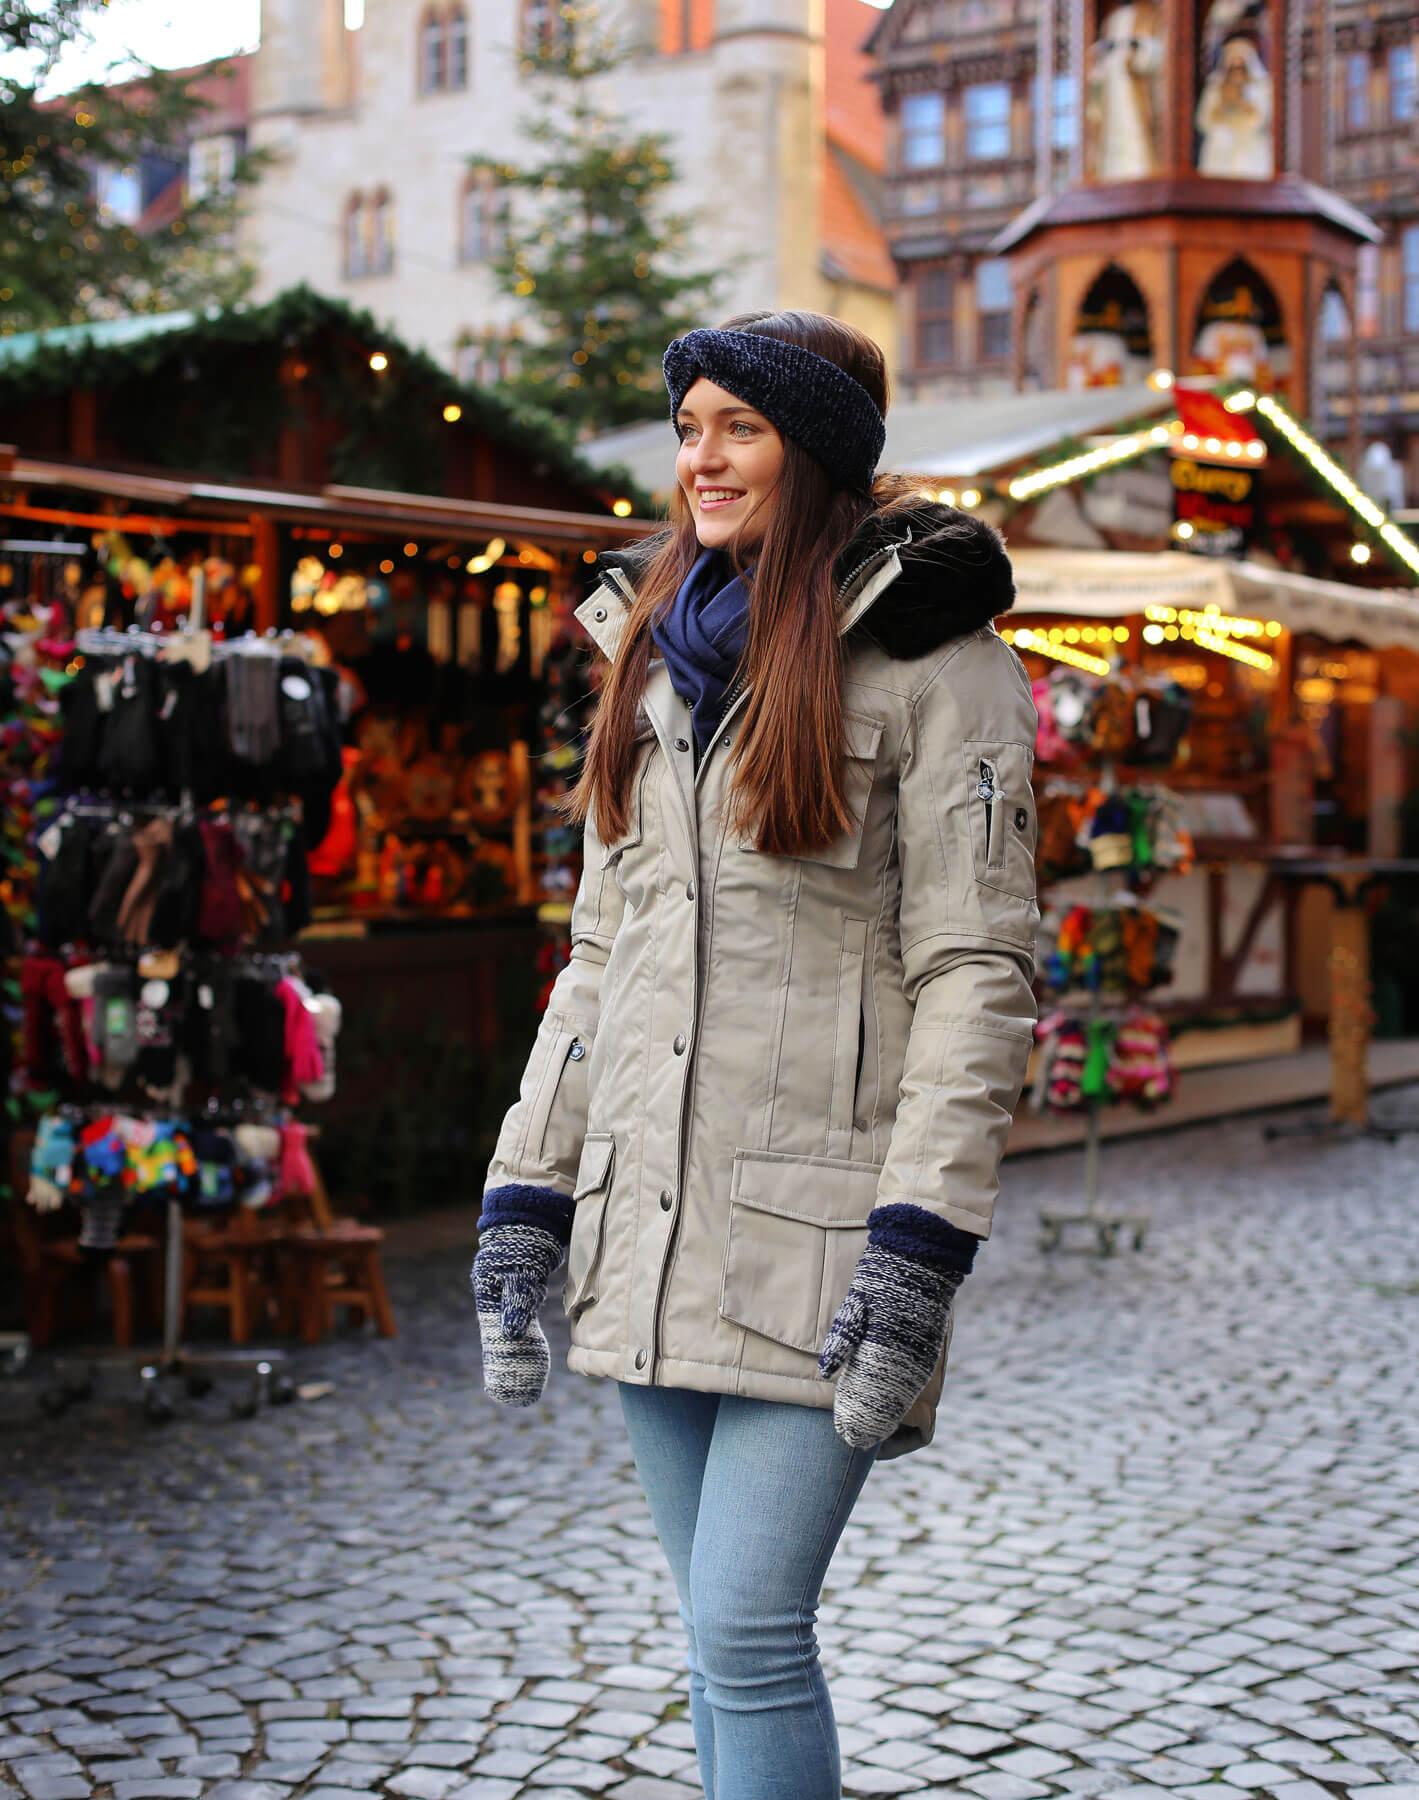 Weihnachtsmarkt Outfit